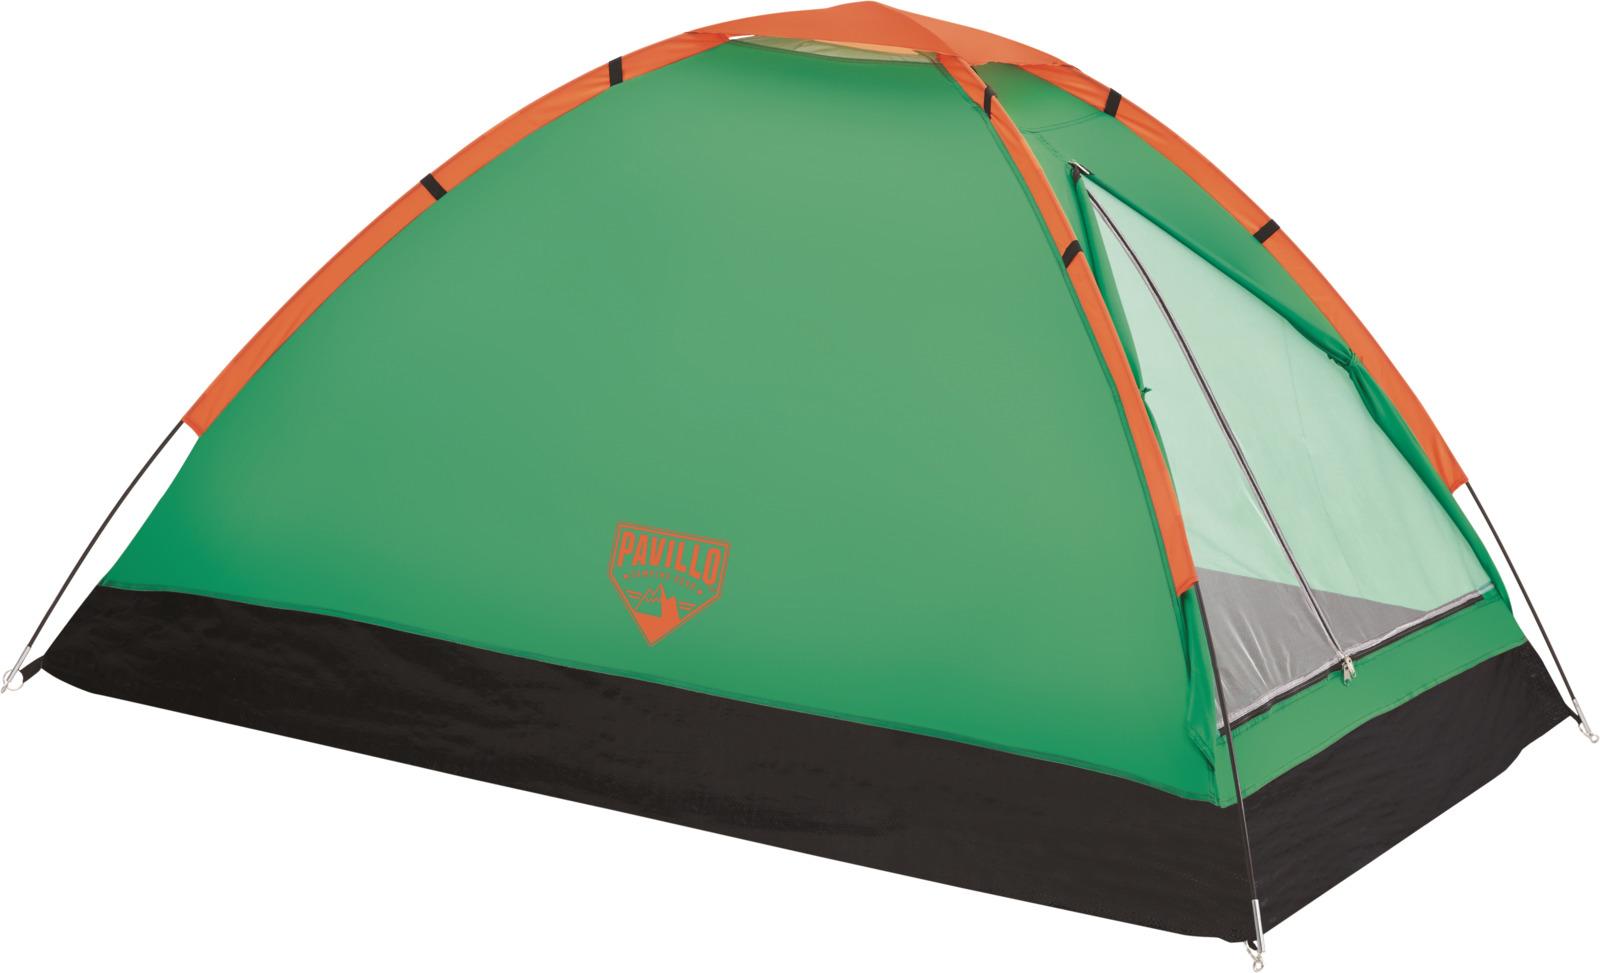 Bestway Палатка Plateau X3 Tent, 3-местная